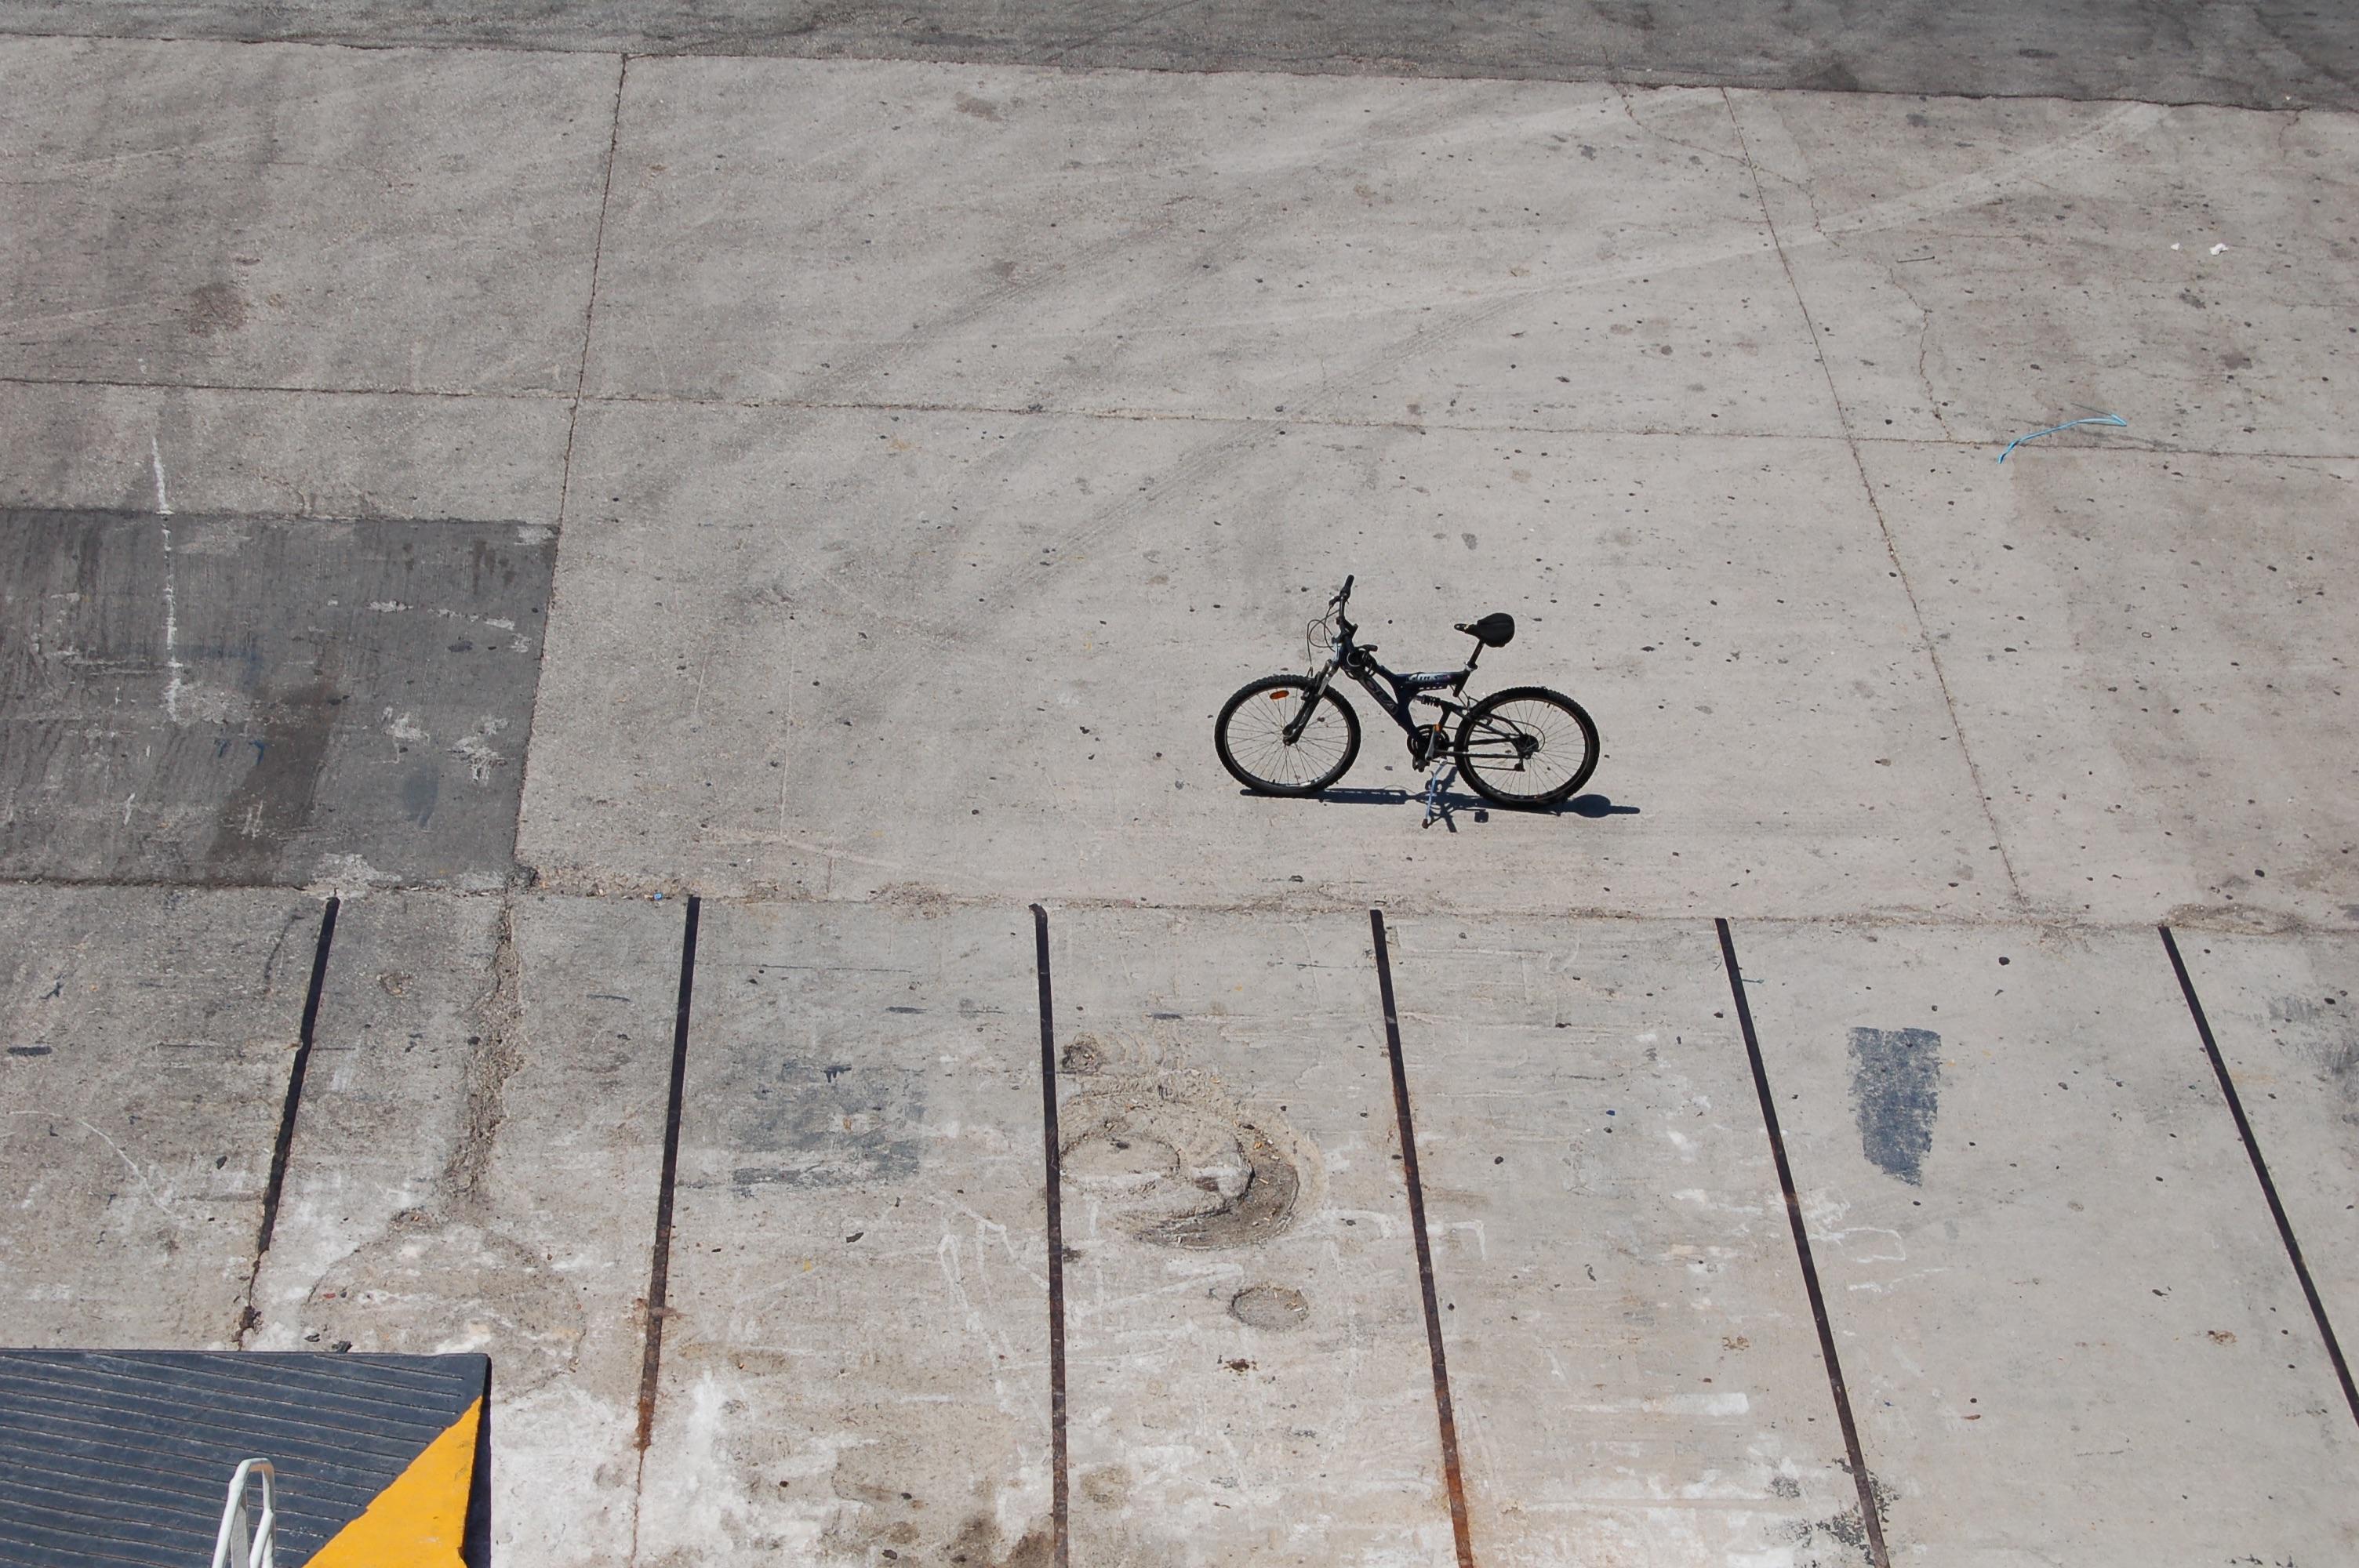 images gratuites rue trottoir sol nombre v lo bicyclette mur asphalte cadre voie. Black Bedroom Furniture Sets. Home Design Ideas